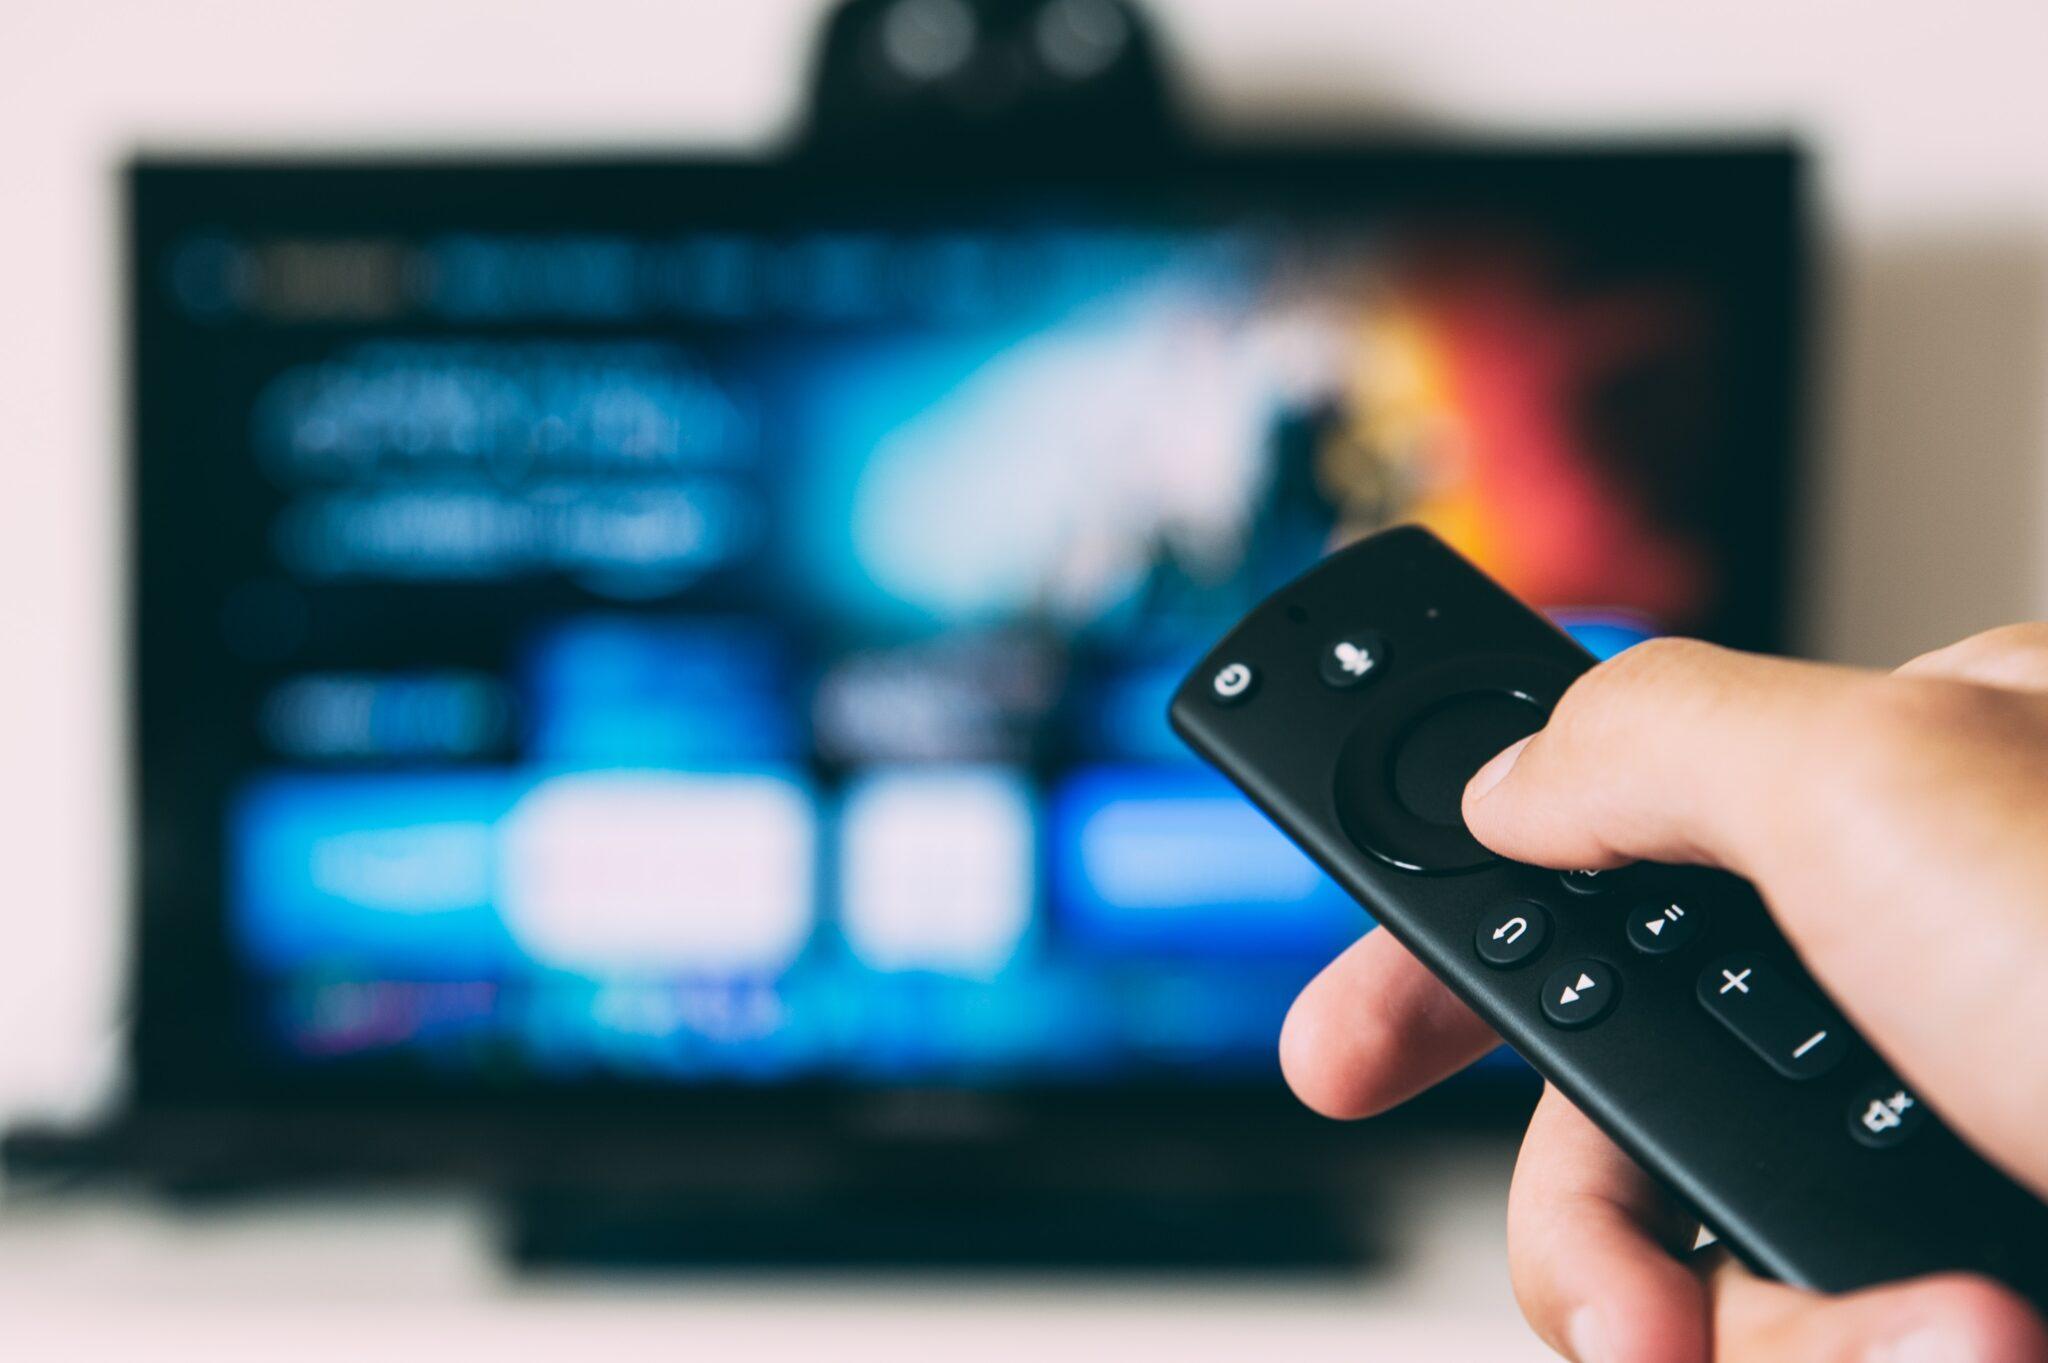 Mensch schaltet Fernseher ein